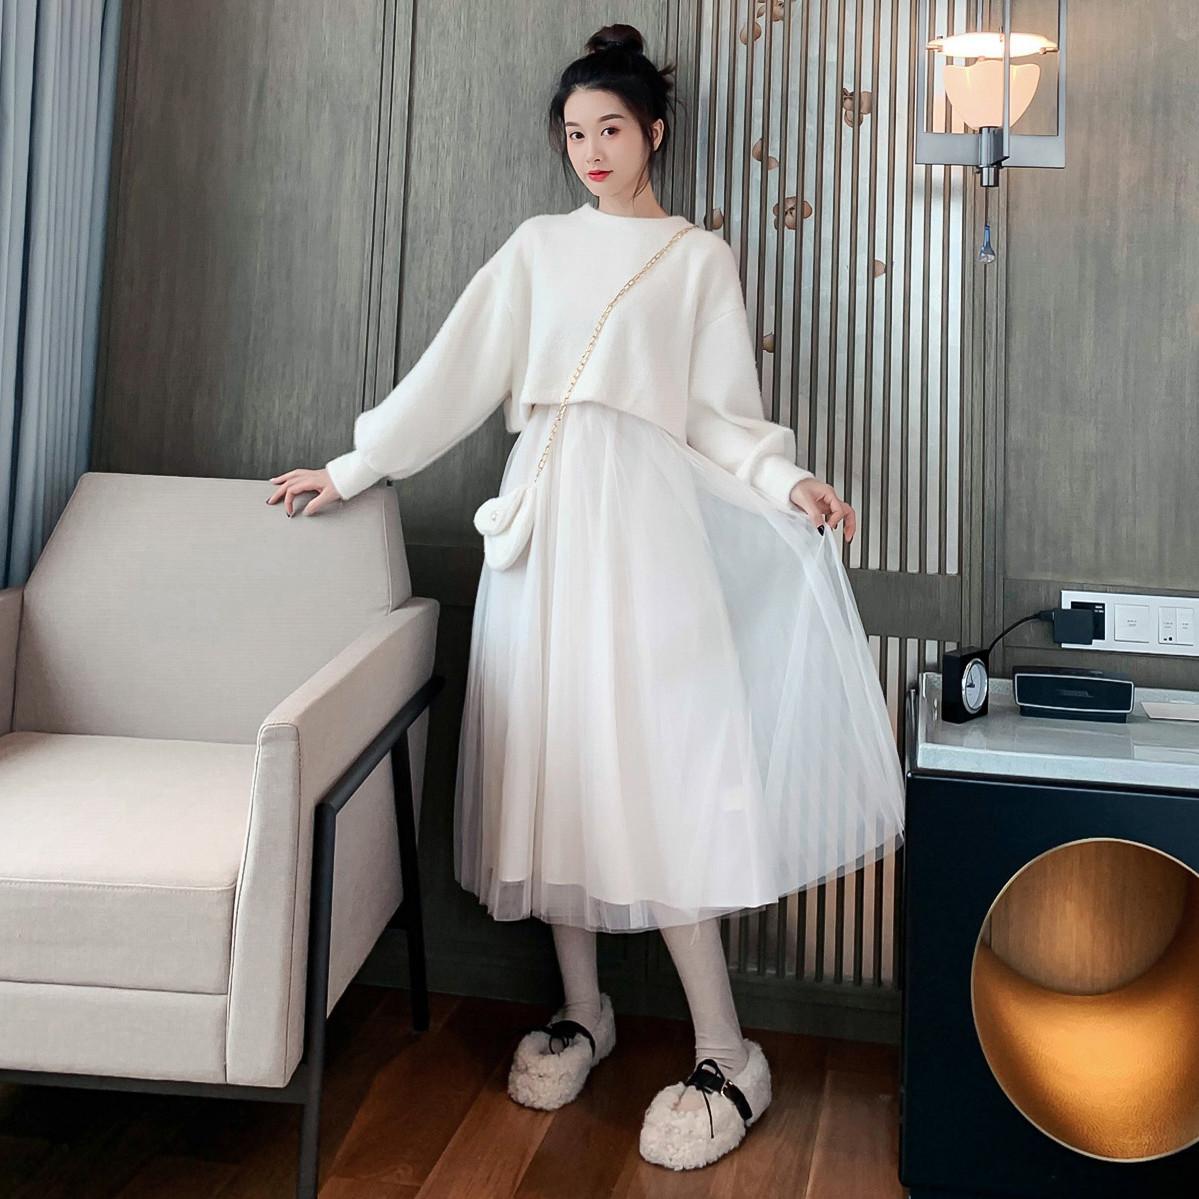 秋冬季中长款气质连衣裙毛衣配网纱吊带裙子两件套装仙女过膝长裙